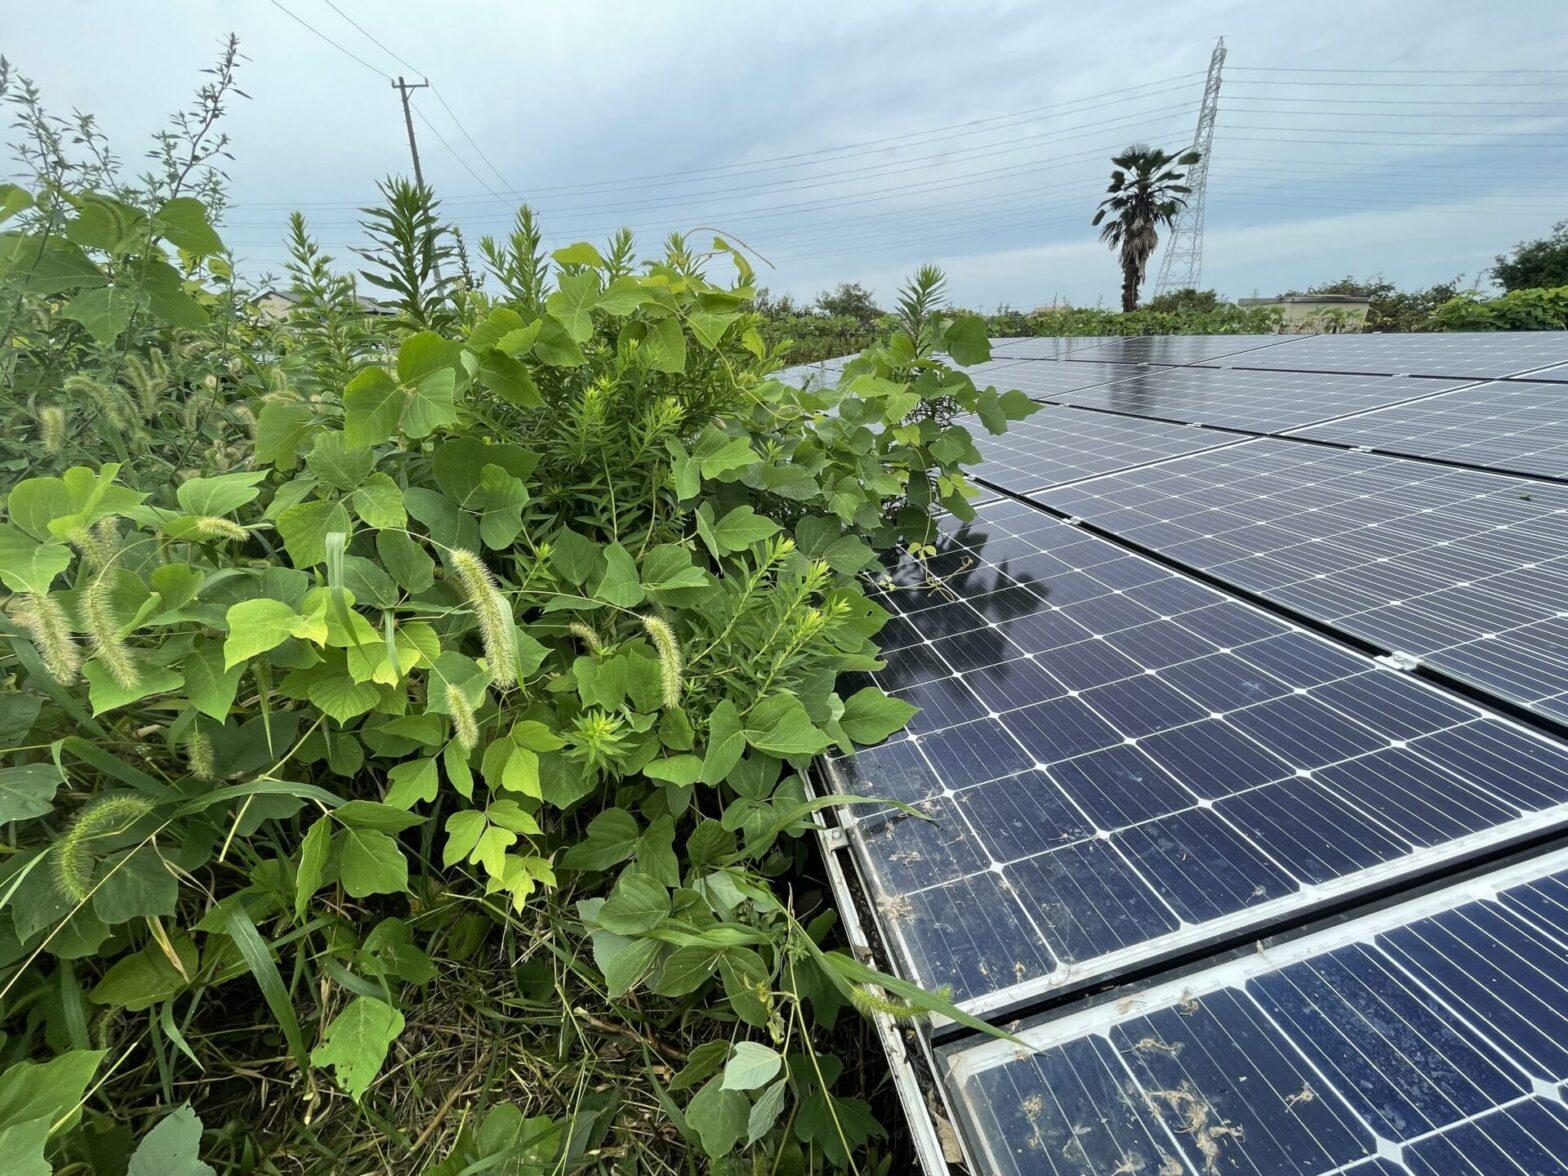 愛知県あま市太陽光発電所草刈り作業